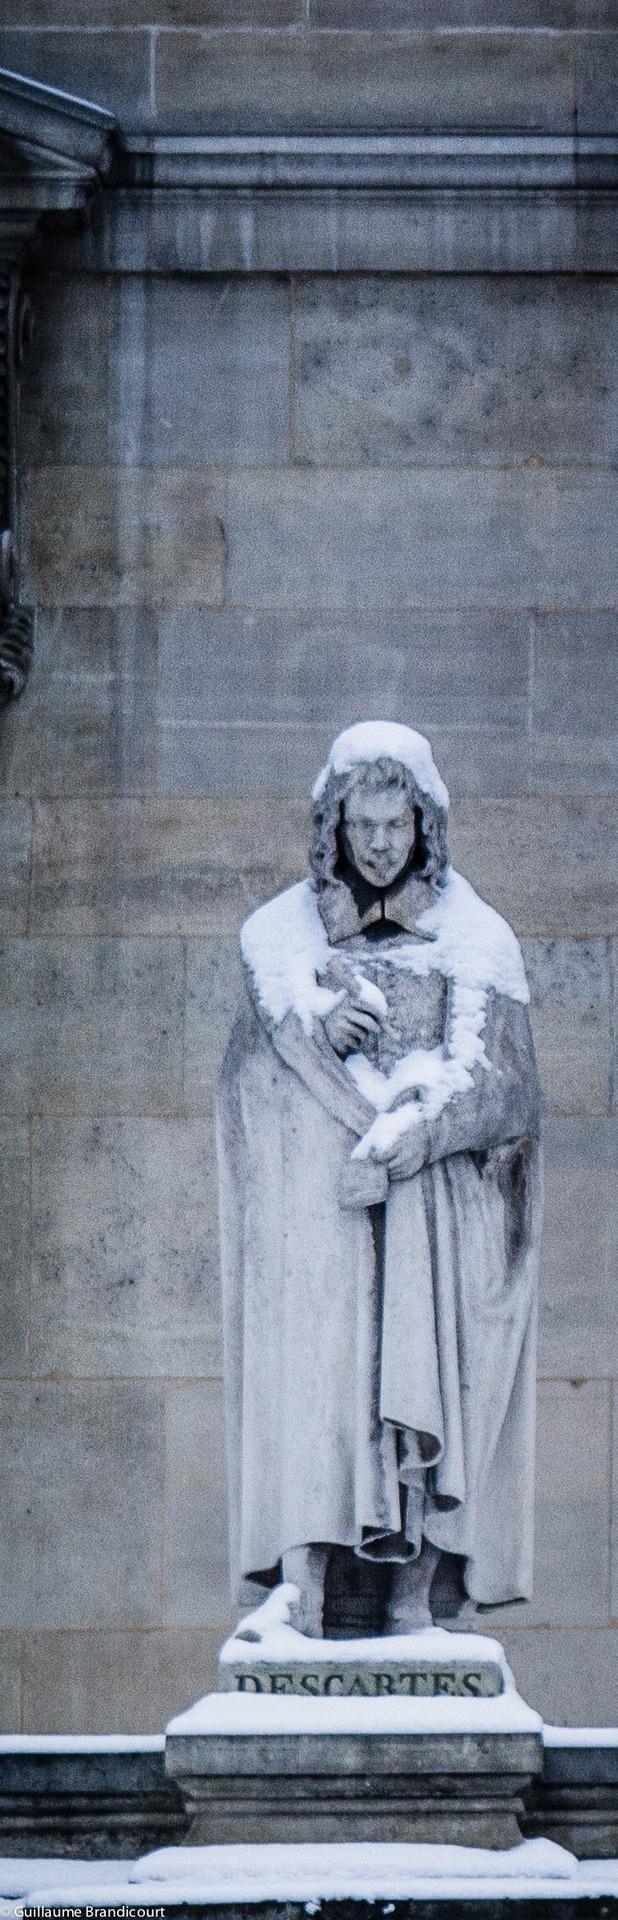 Louvre sous la neige, 19 janvier 2013